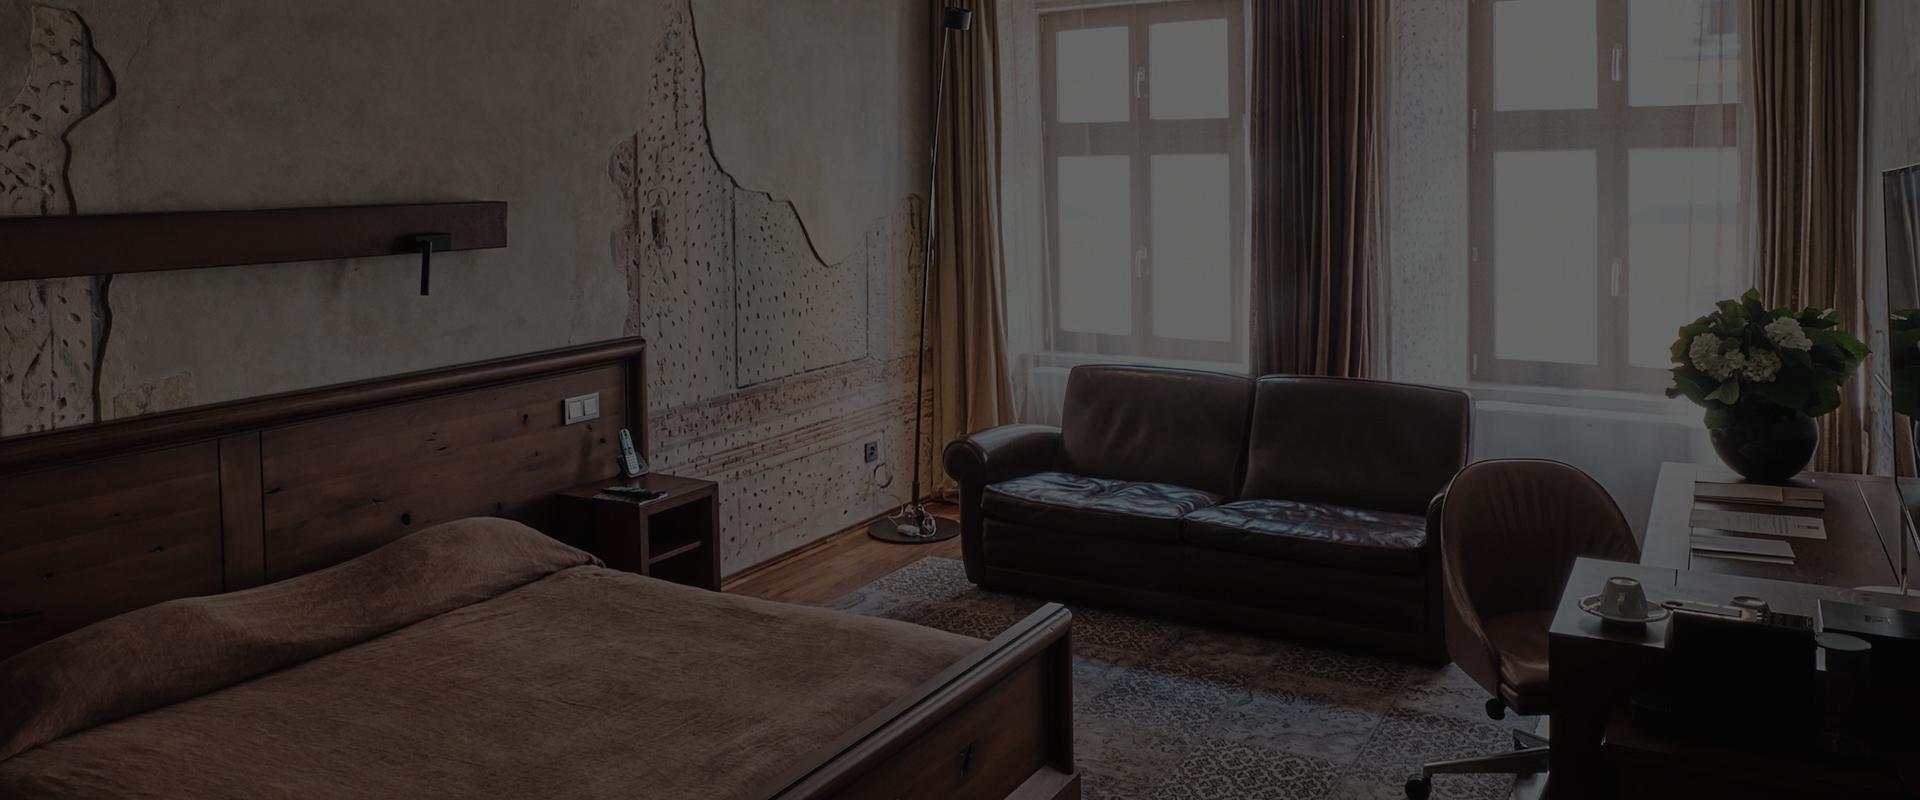 Hotel-warszawa-pieciogwiazkowy-hotel-w-centrum-warszawy-pokoj-dwuosobowy-typu-twin